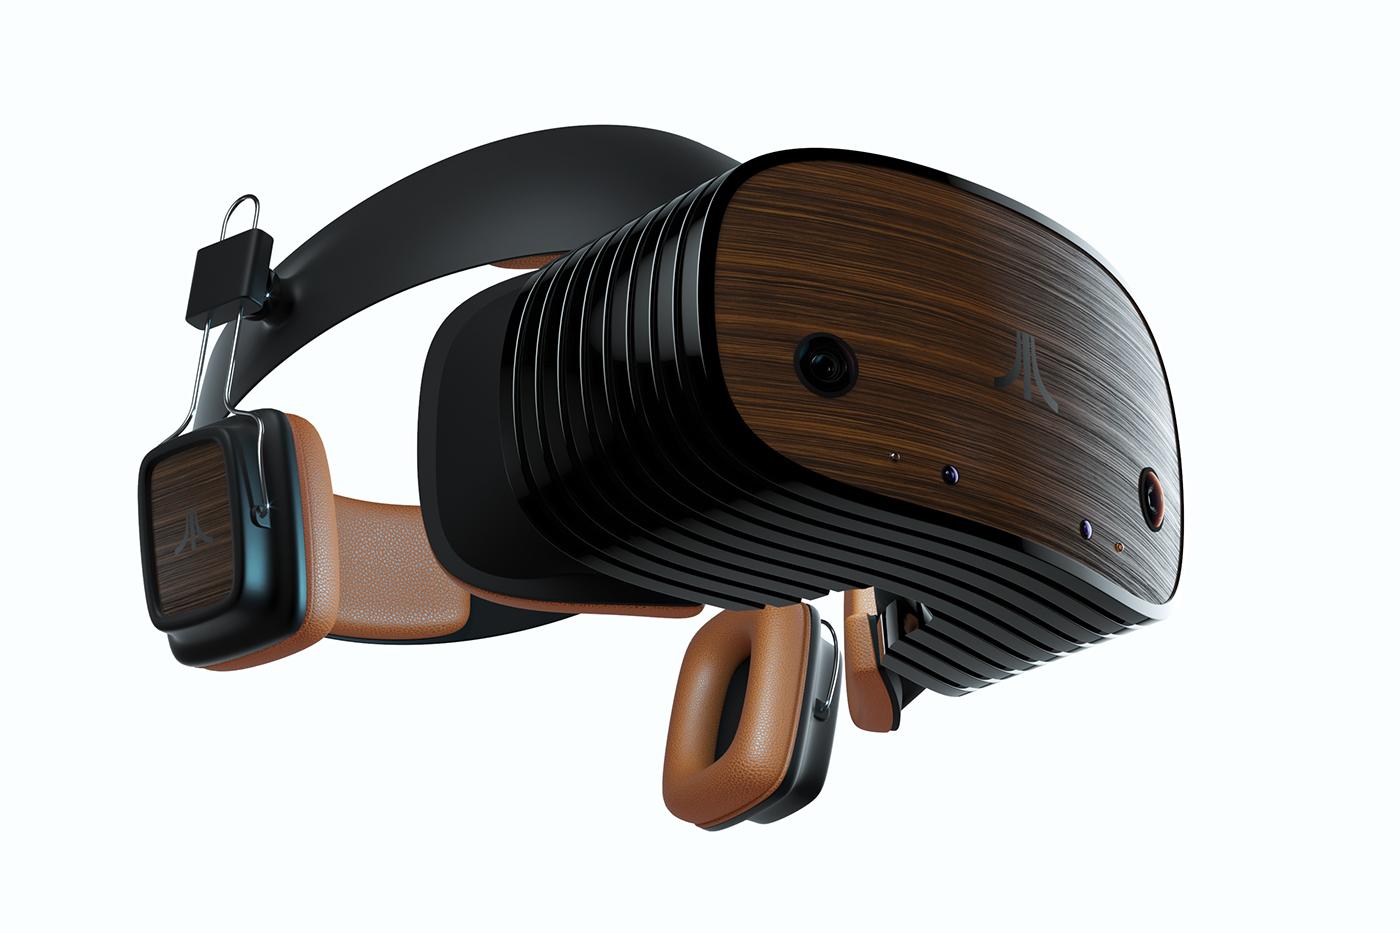 atari vr hmd Retro Games Virtual reality atarivr atari vr AR Mixed Reality